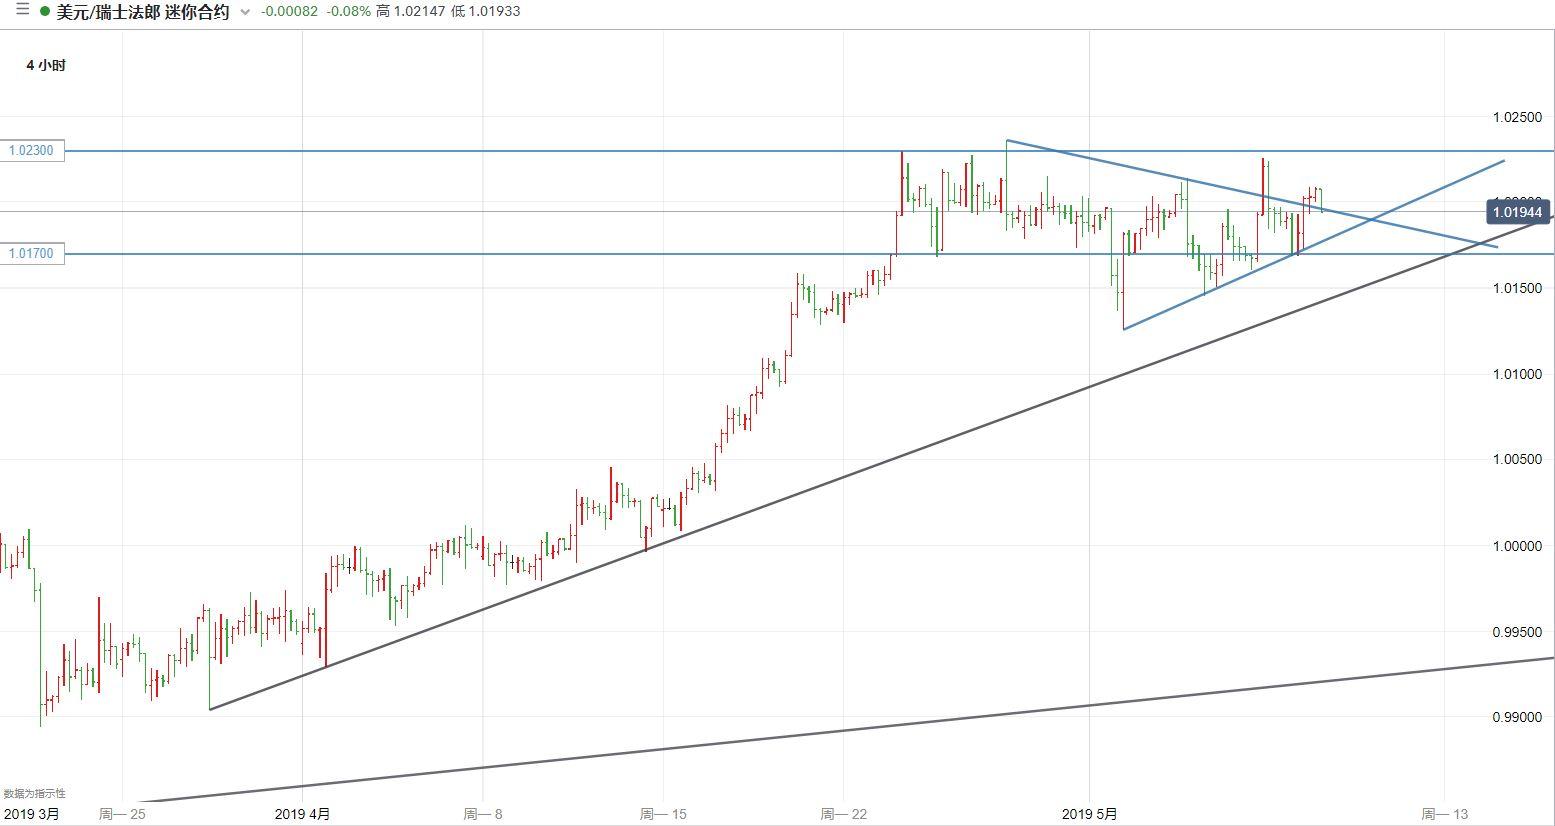 美元/瑞郎技术分析:仍保持耐心等待进一步指引